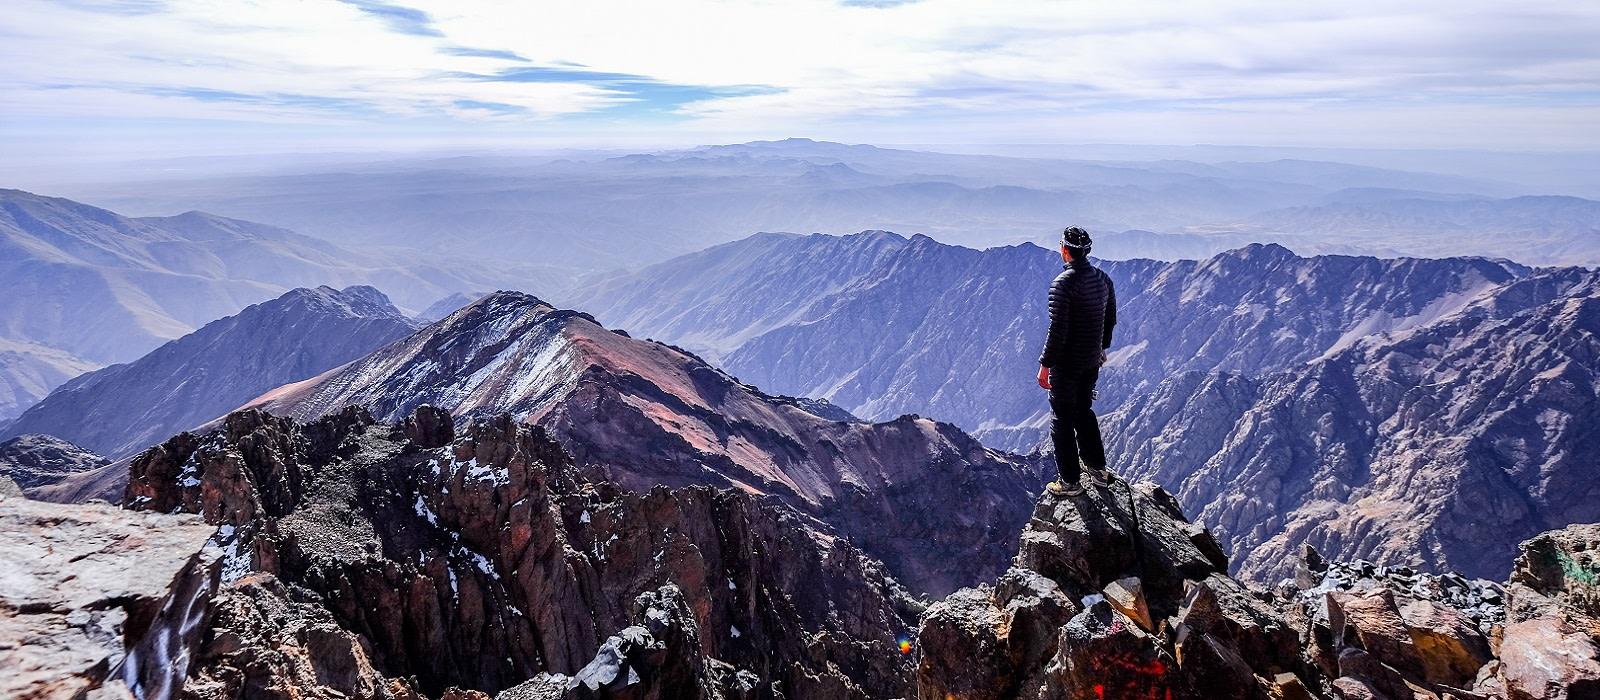 Marokko: Bergwelten, Küstenflair & schillernde Städte Urlaub 1